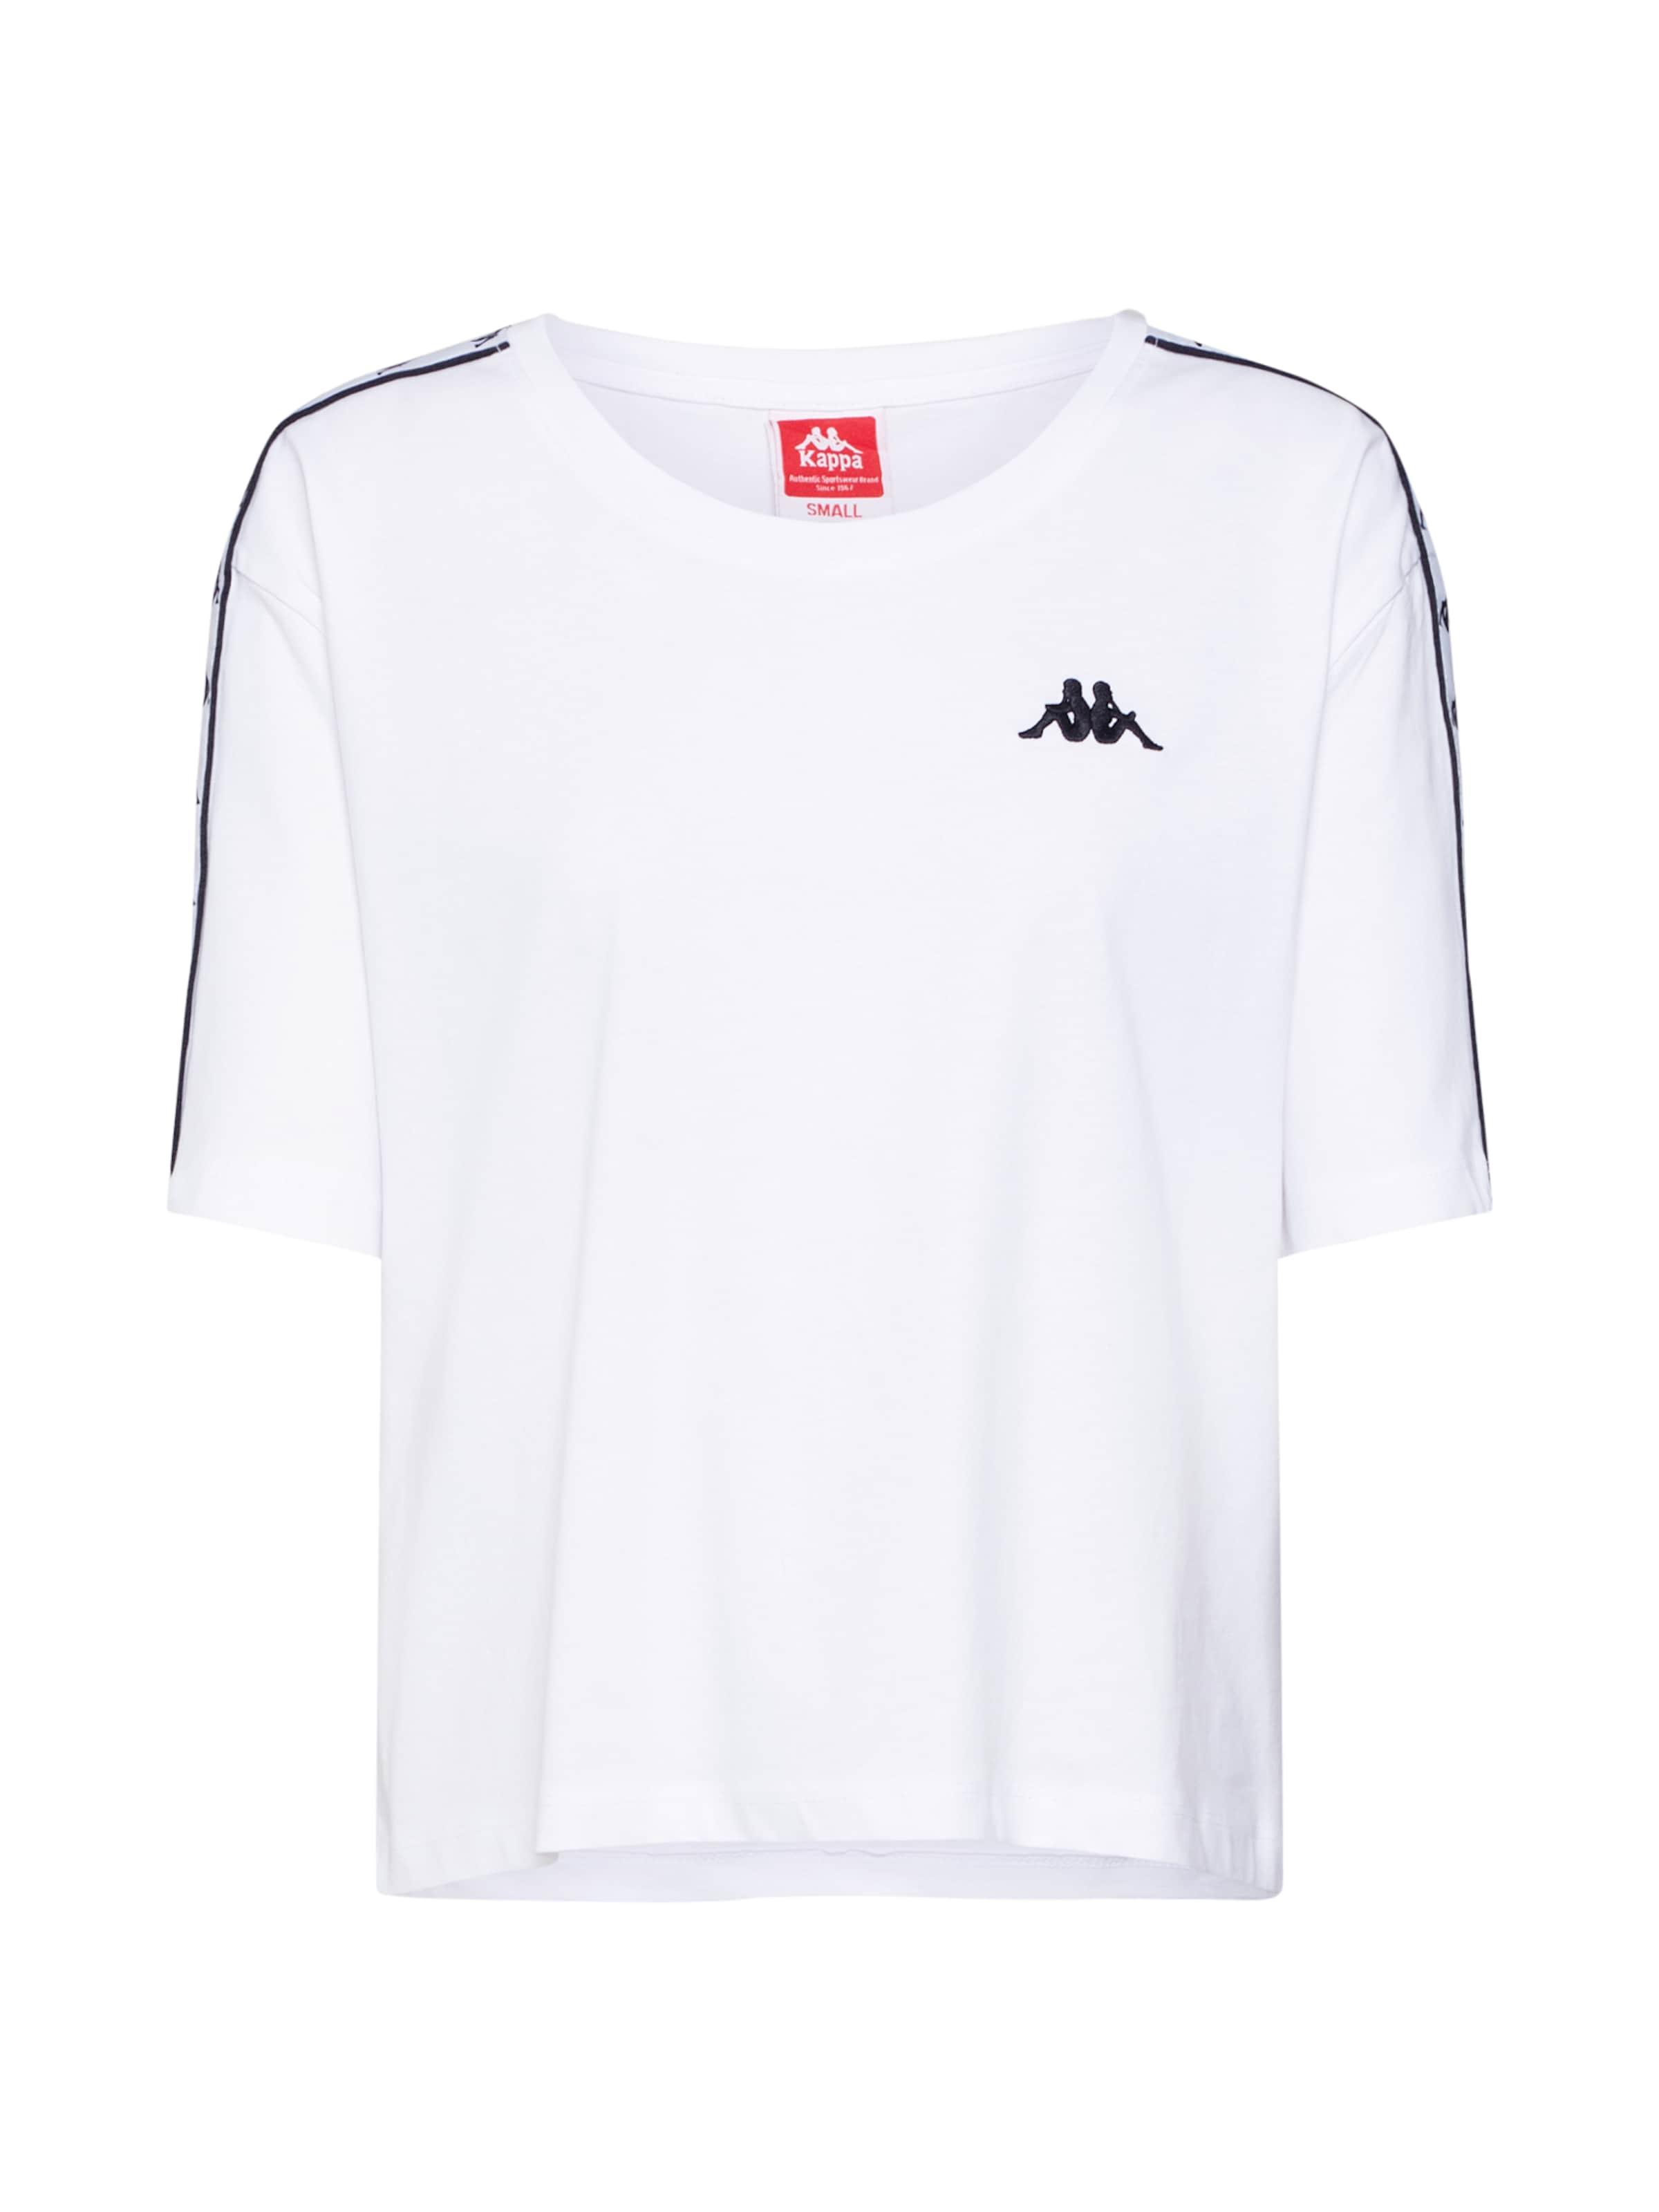 shirt T NoirBlanc 'eleni' En Kappa dxoWQBreC